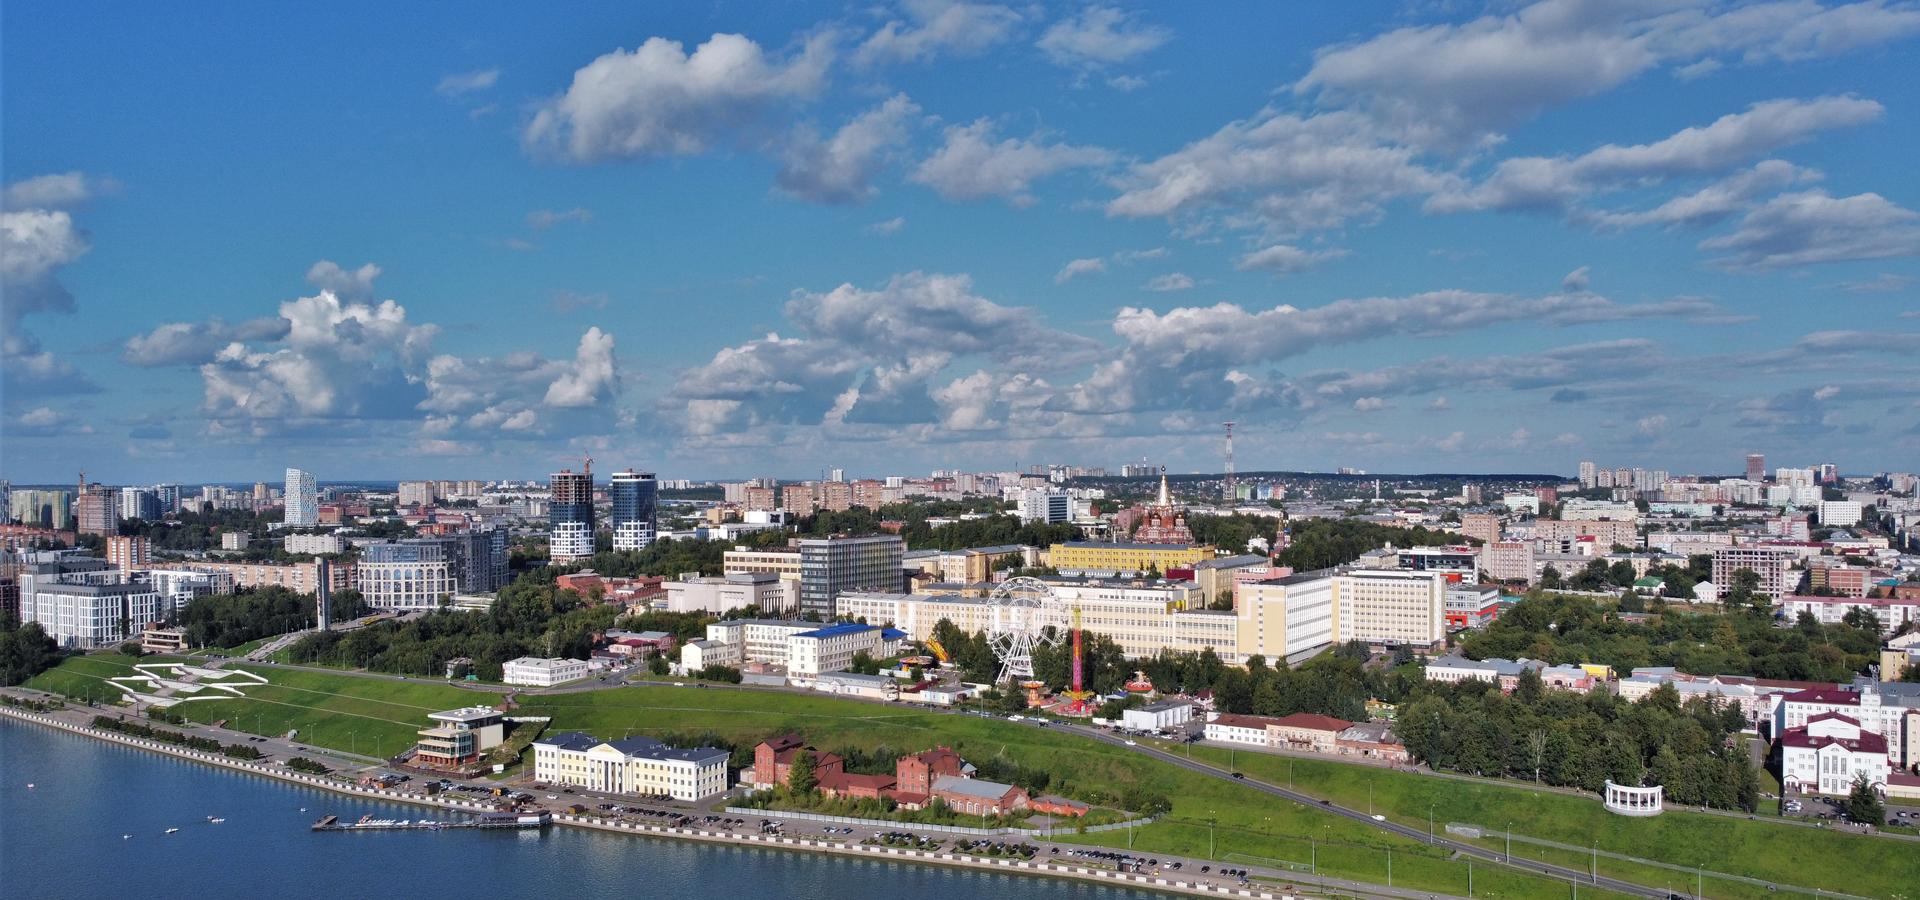 Peer-to-peer advisory in Izhevsk, Udmurtiya Republic, Volga Federal district, Russia